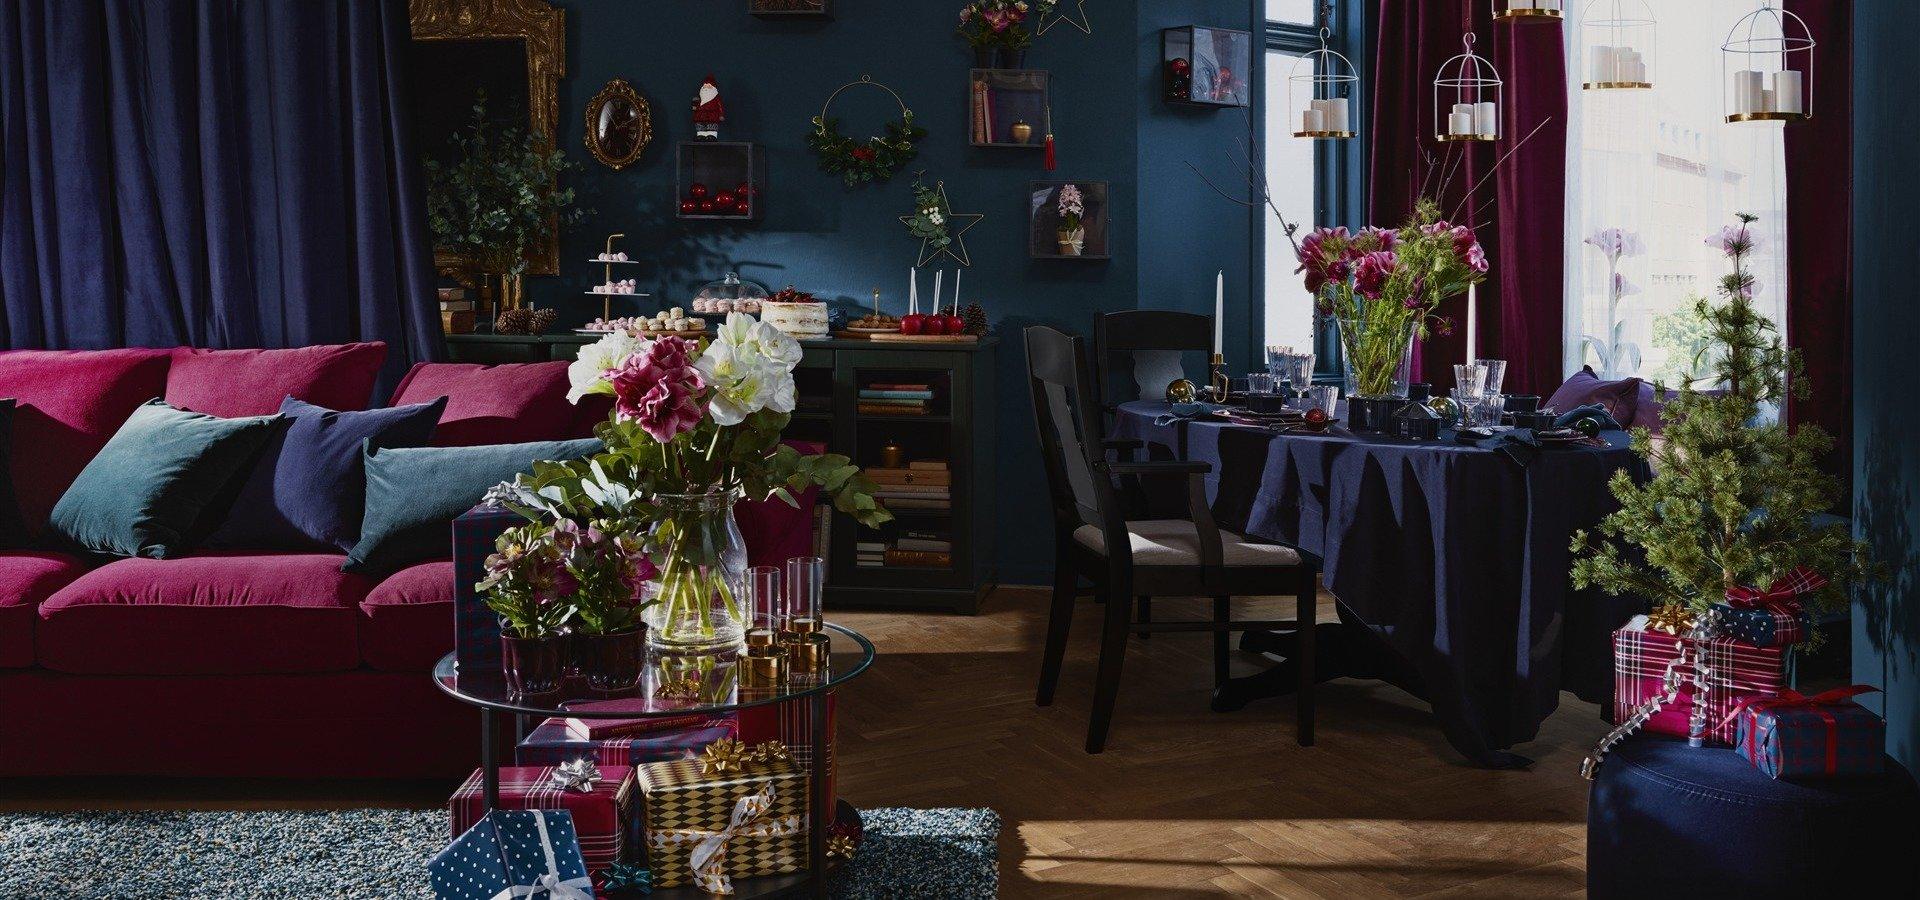 Niech żyje magia świąt! Z kolekcją IKEA VINTER 2018 podaruj bliskim święta, o jakich marzą.